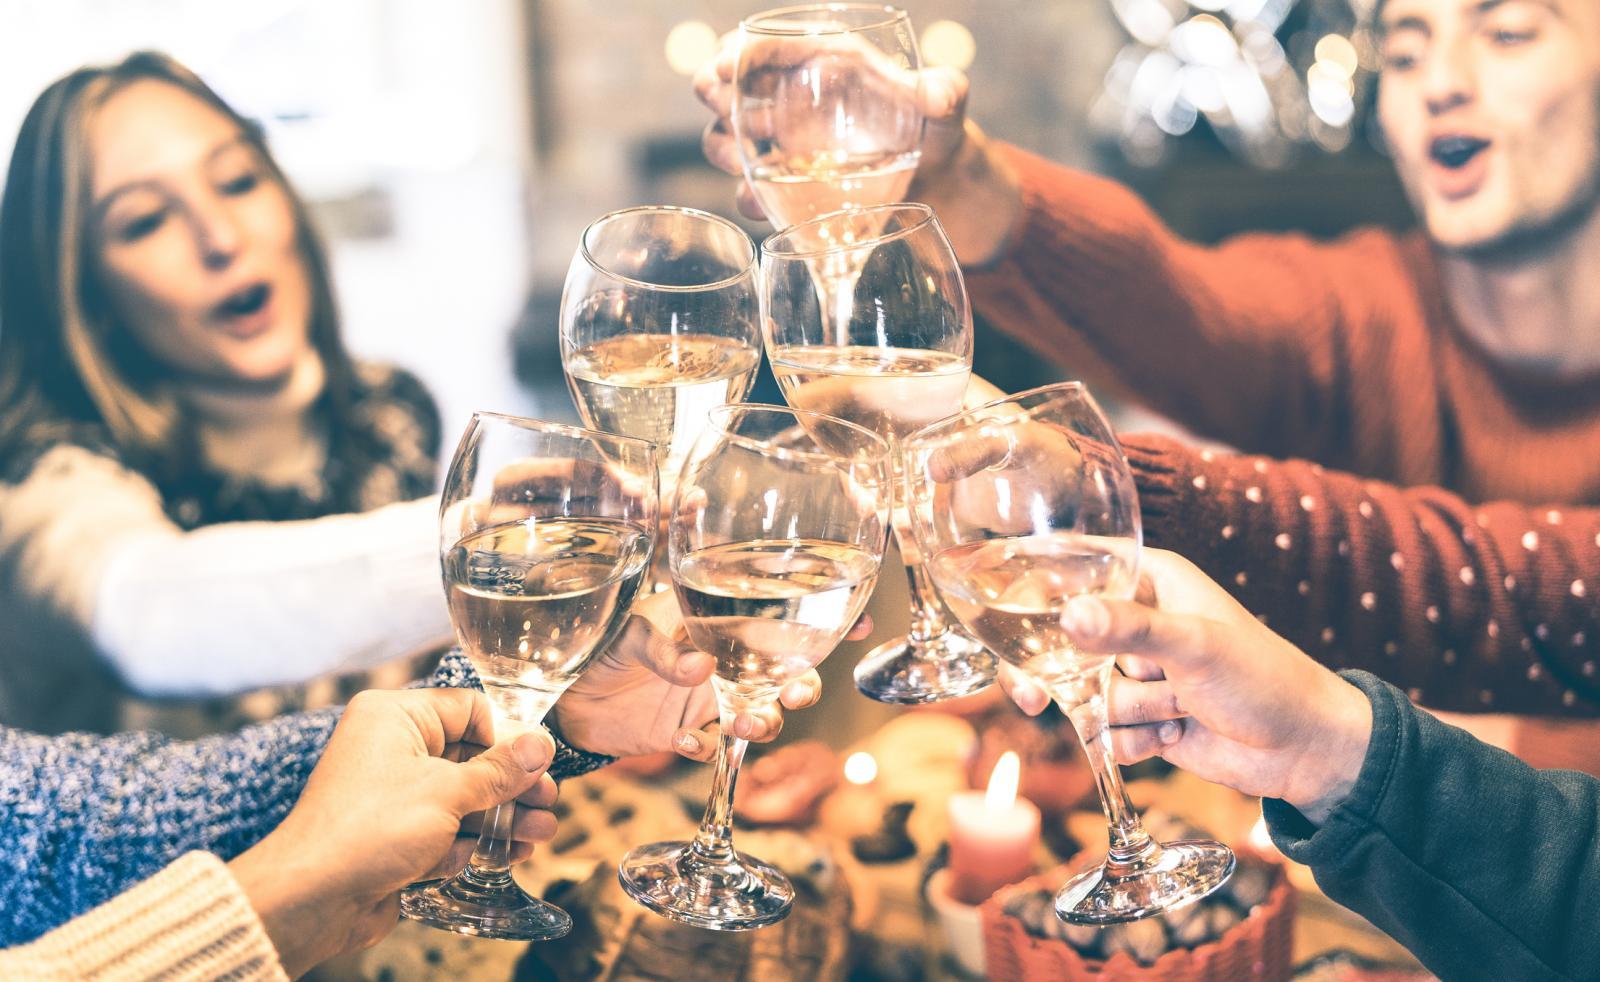 Pretjerana konzumacija alkohola samo je jedan od razloga zbog kojih dolazi do ovog zdravstvenog problema.